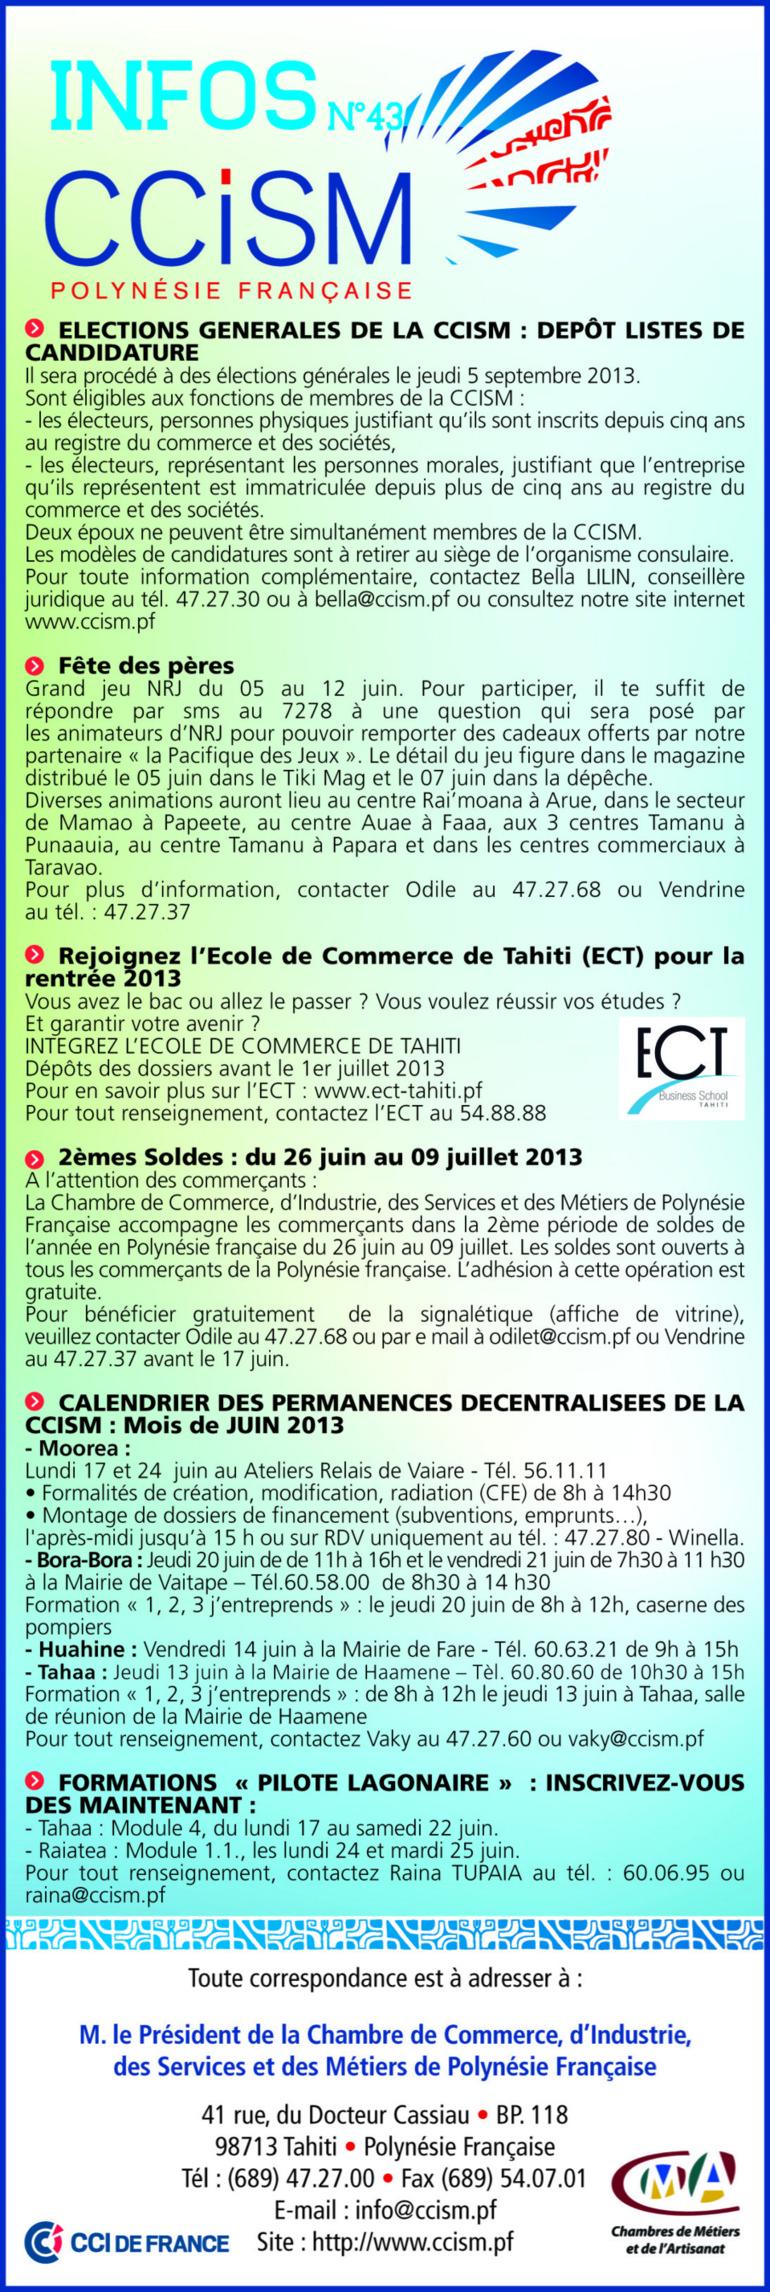 Infos CCISM N°43